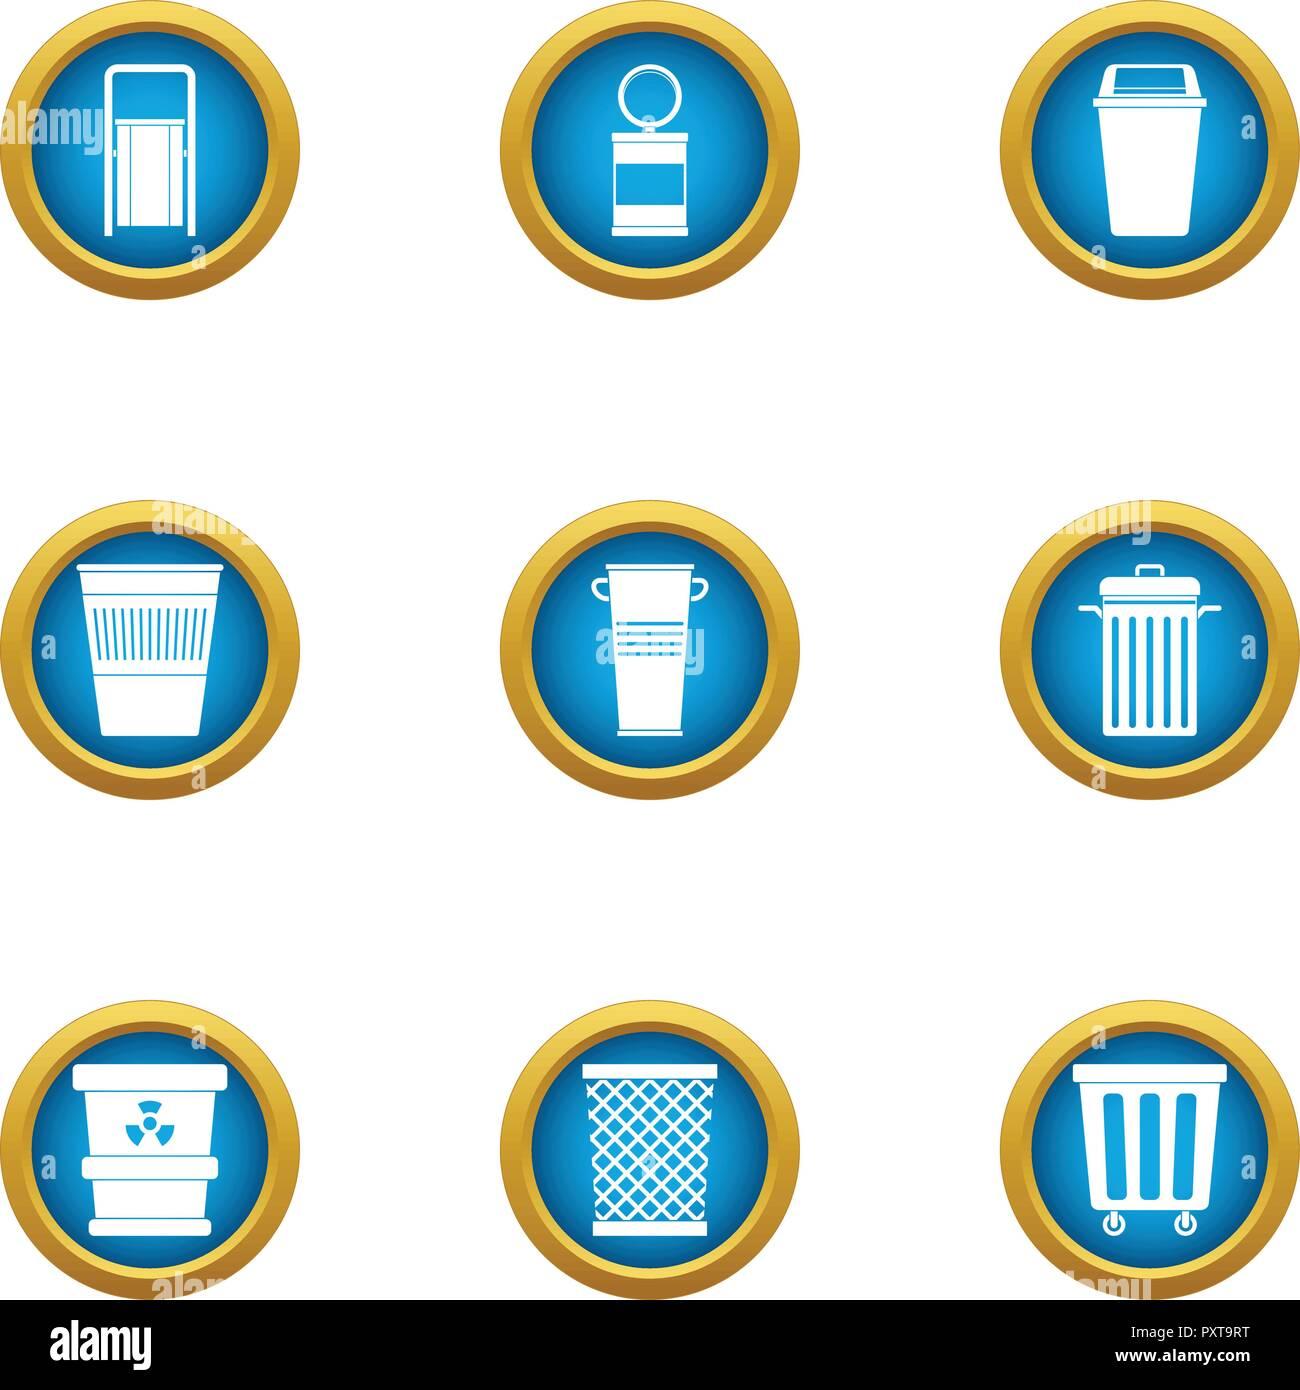 Consumption basket icons set, flat style - Stock Image